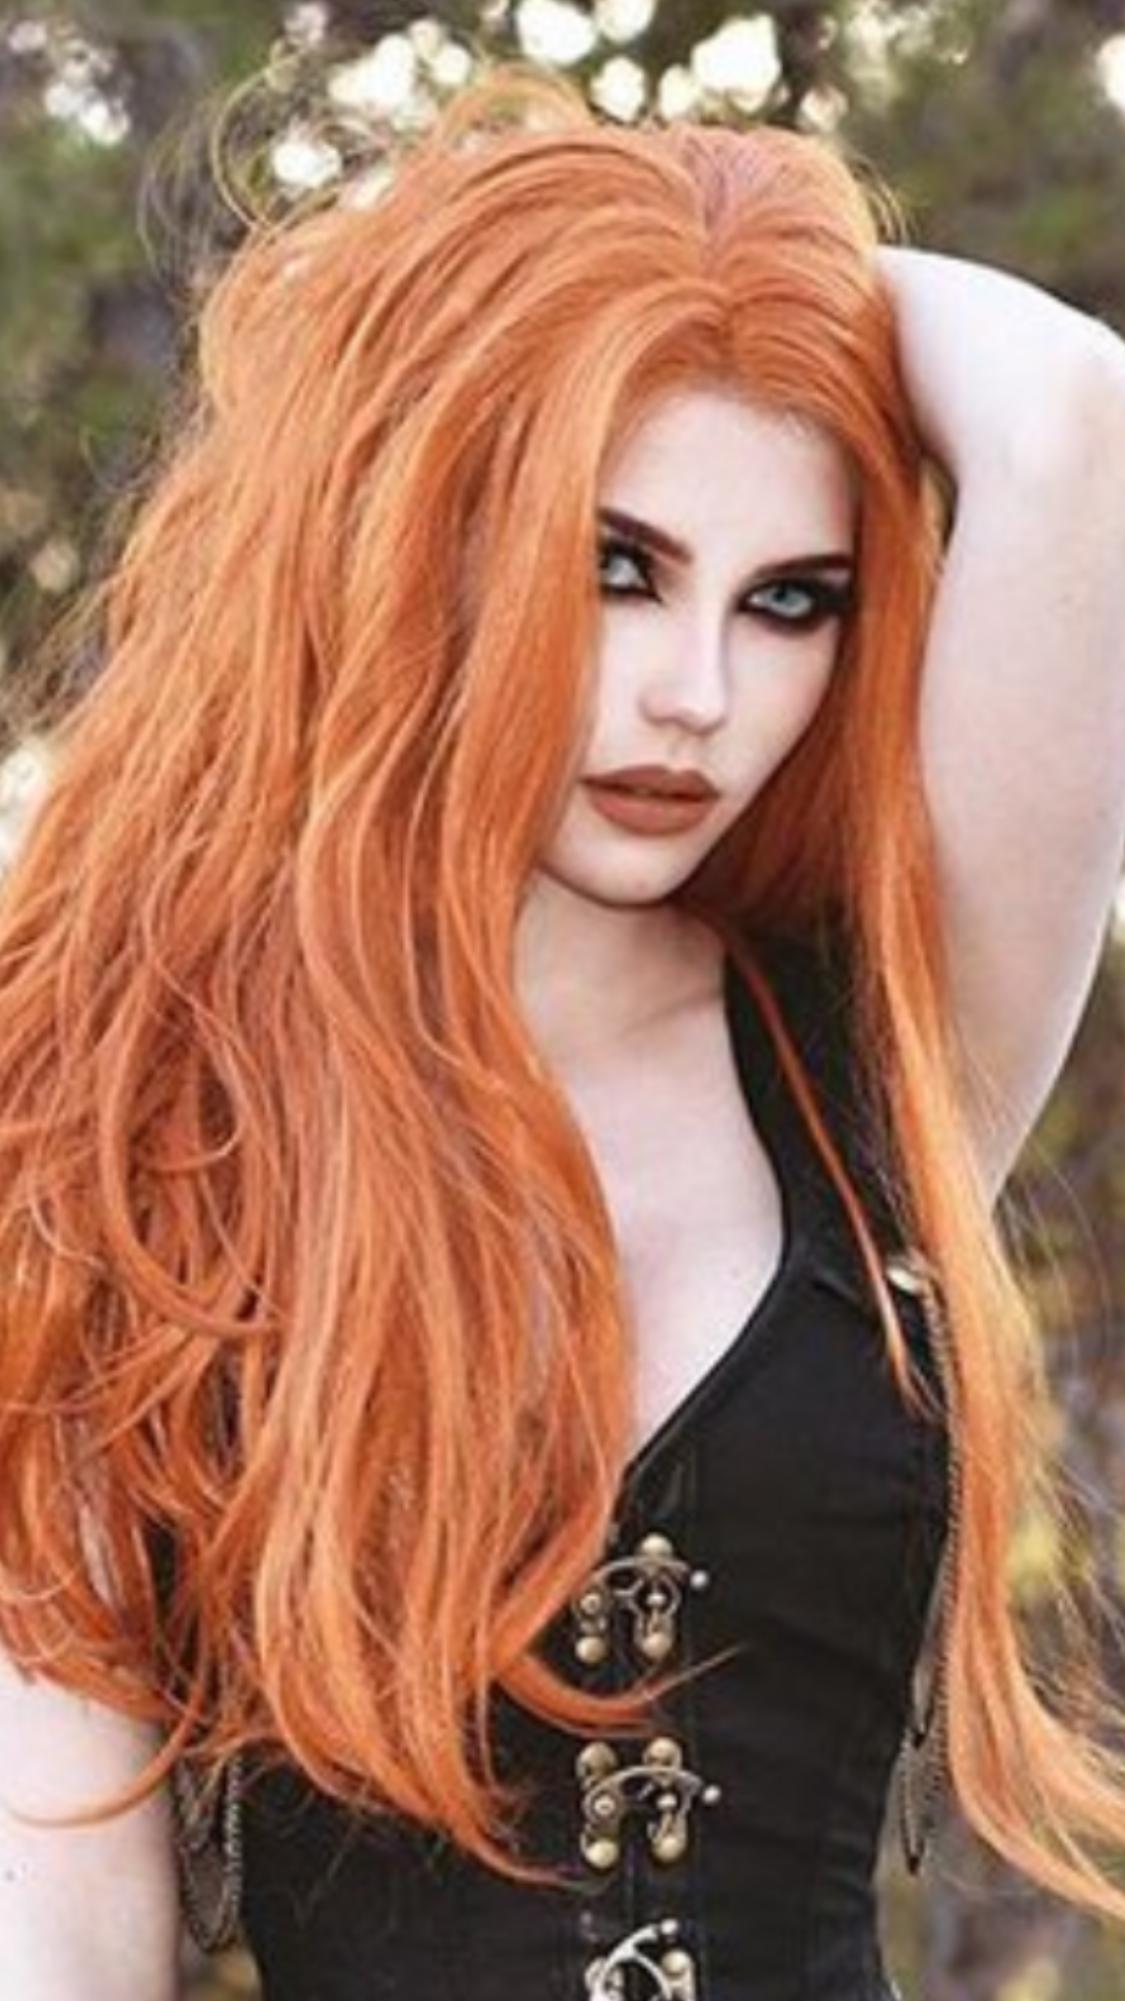 Redhead vogue models